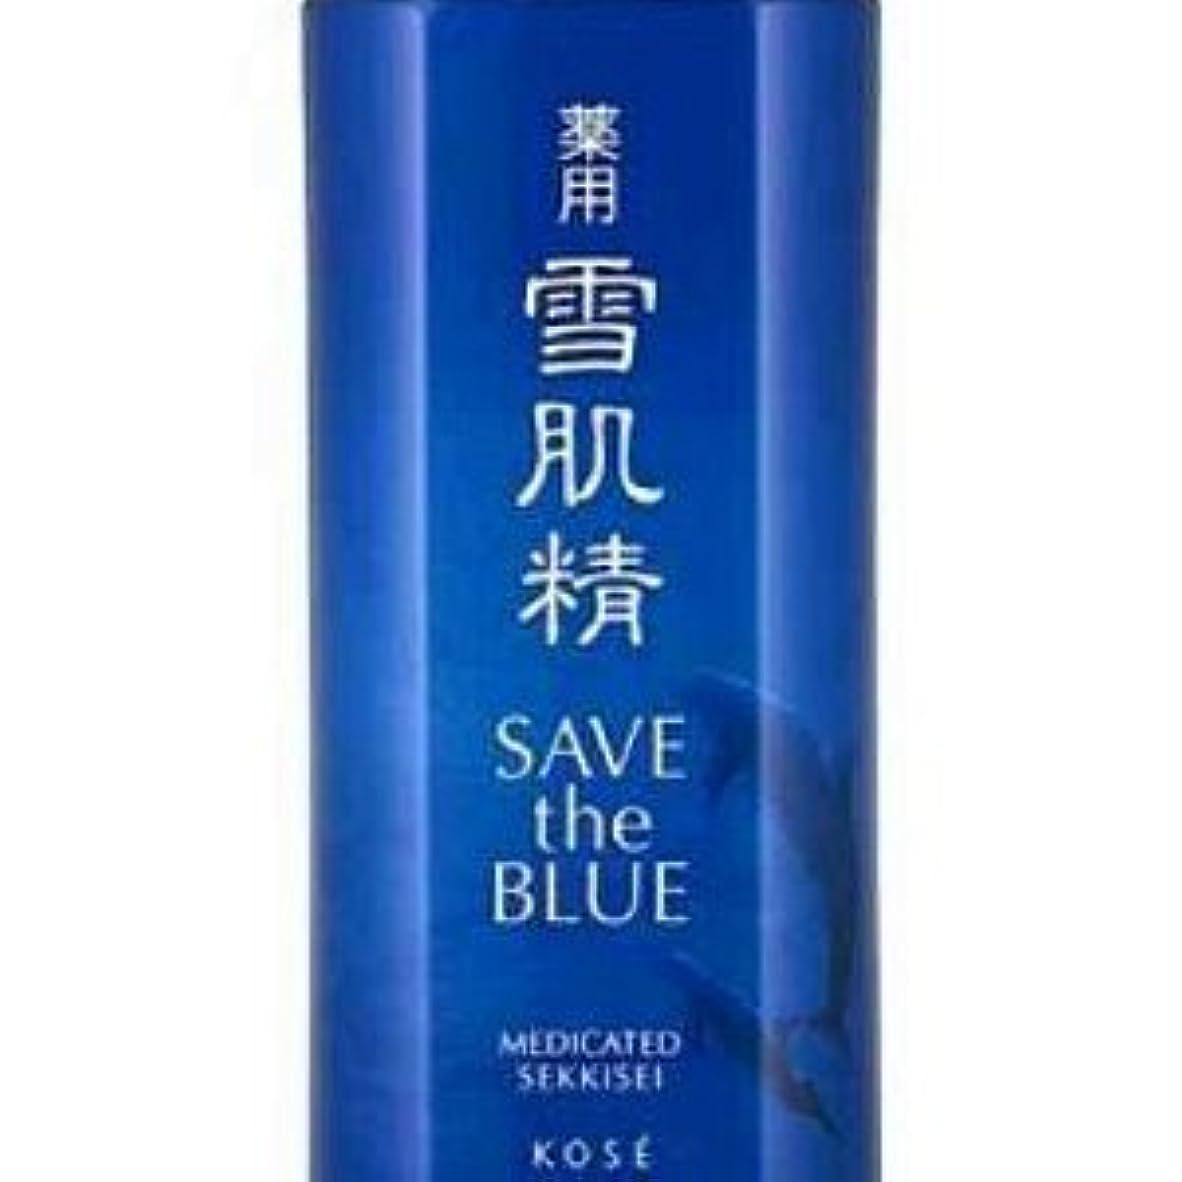 傑作ヒューム争いコーセー 薬用雪肌精 化粧水 ディスペンサー付限定ボトル 500ml アウトレット